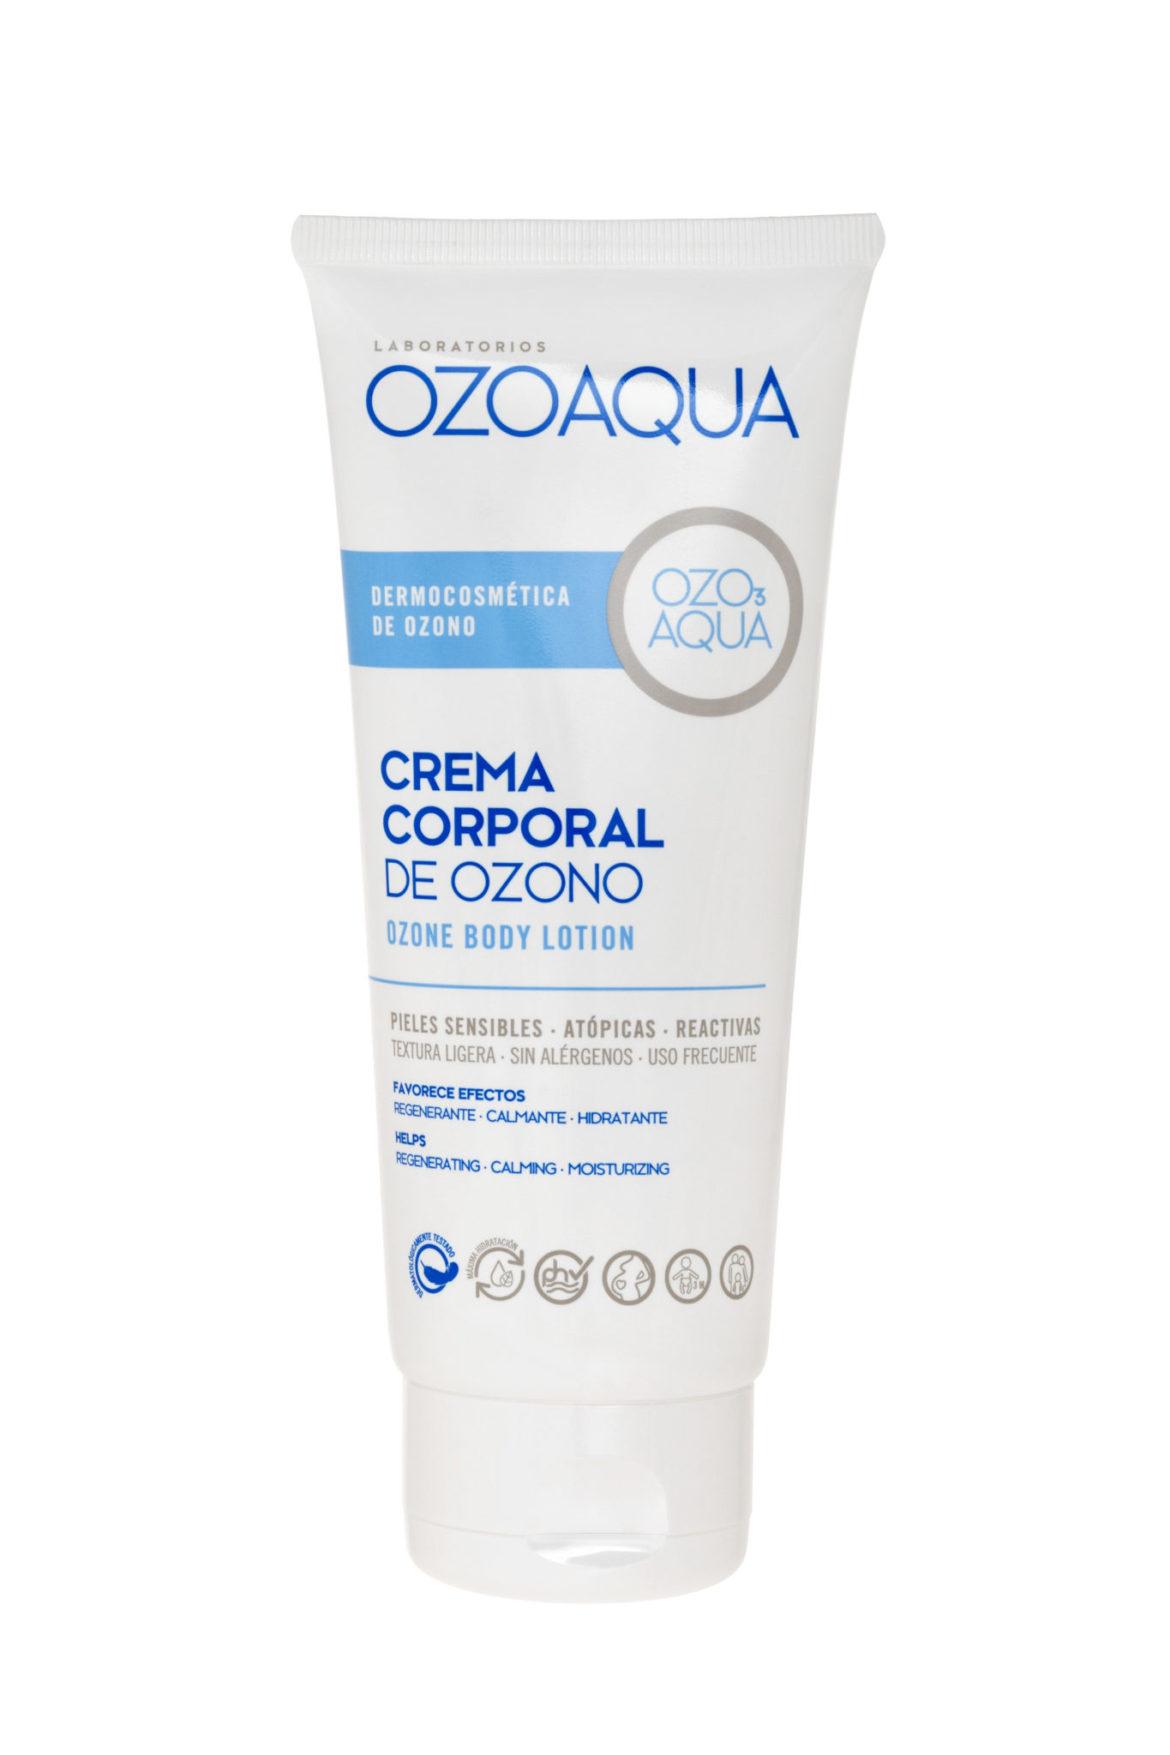 CharlaLabOzoaqua_COFCordoba